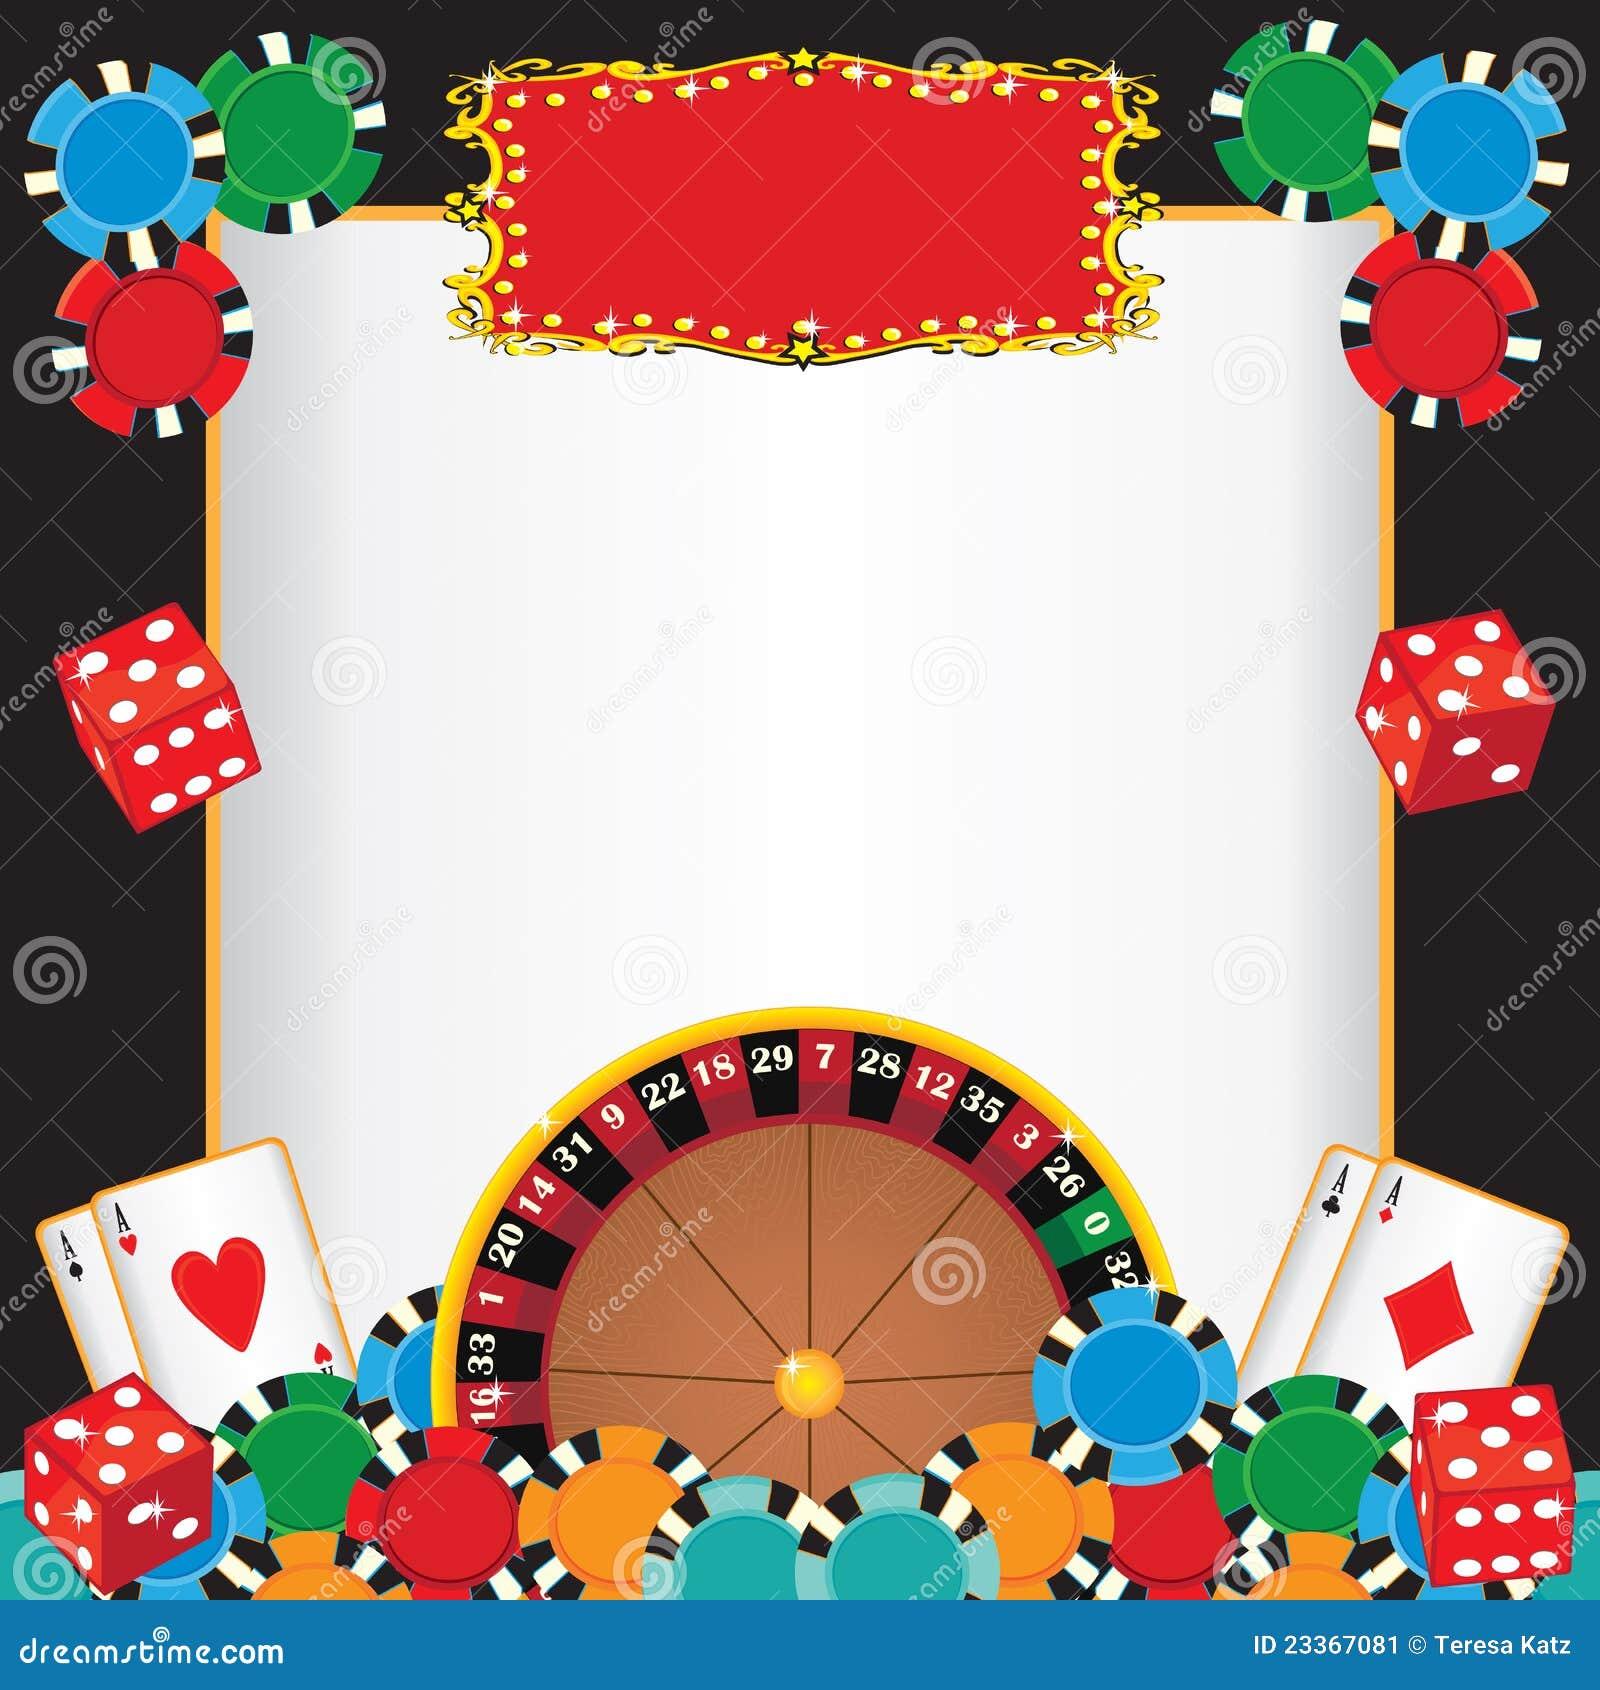 PokerStars and MonteCarloCasino European Poker Tour